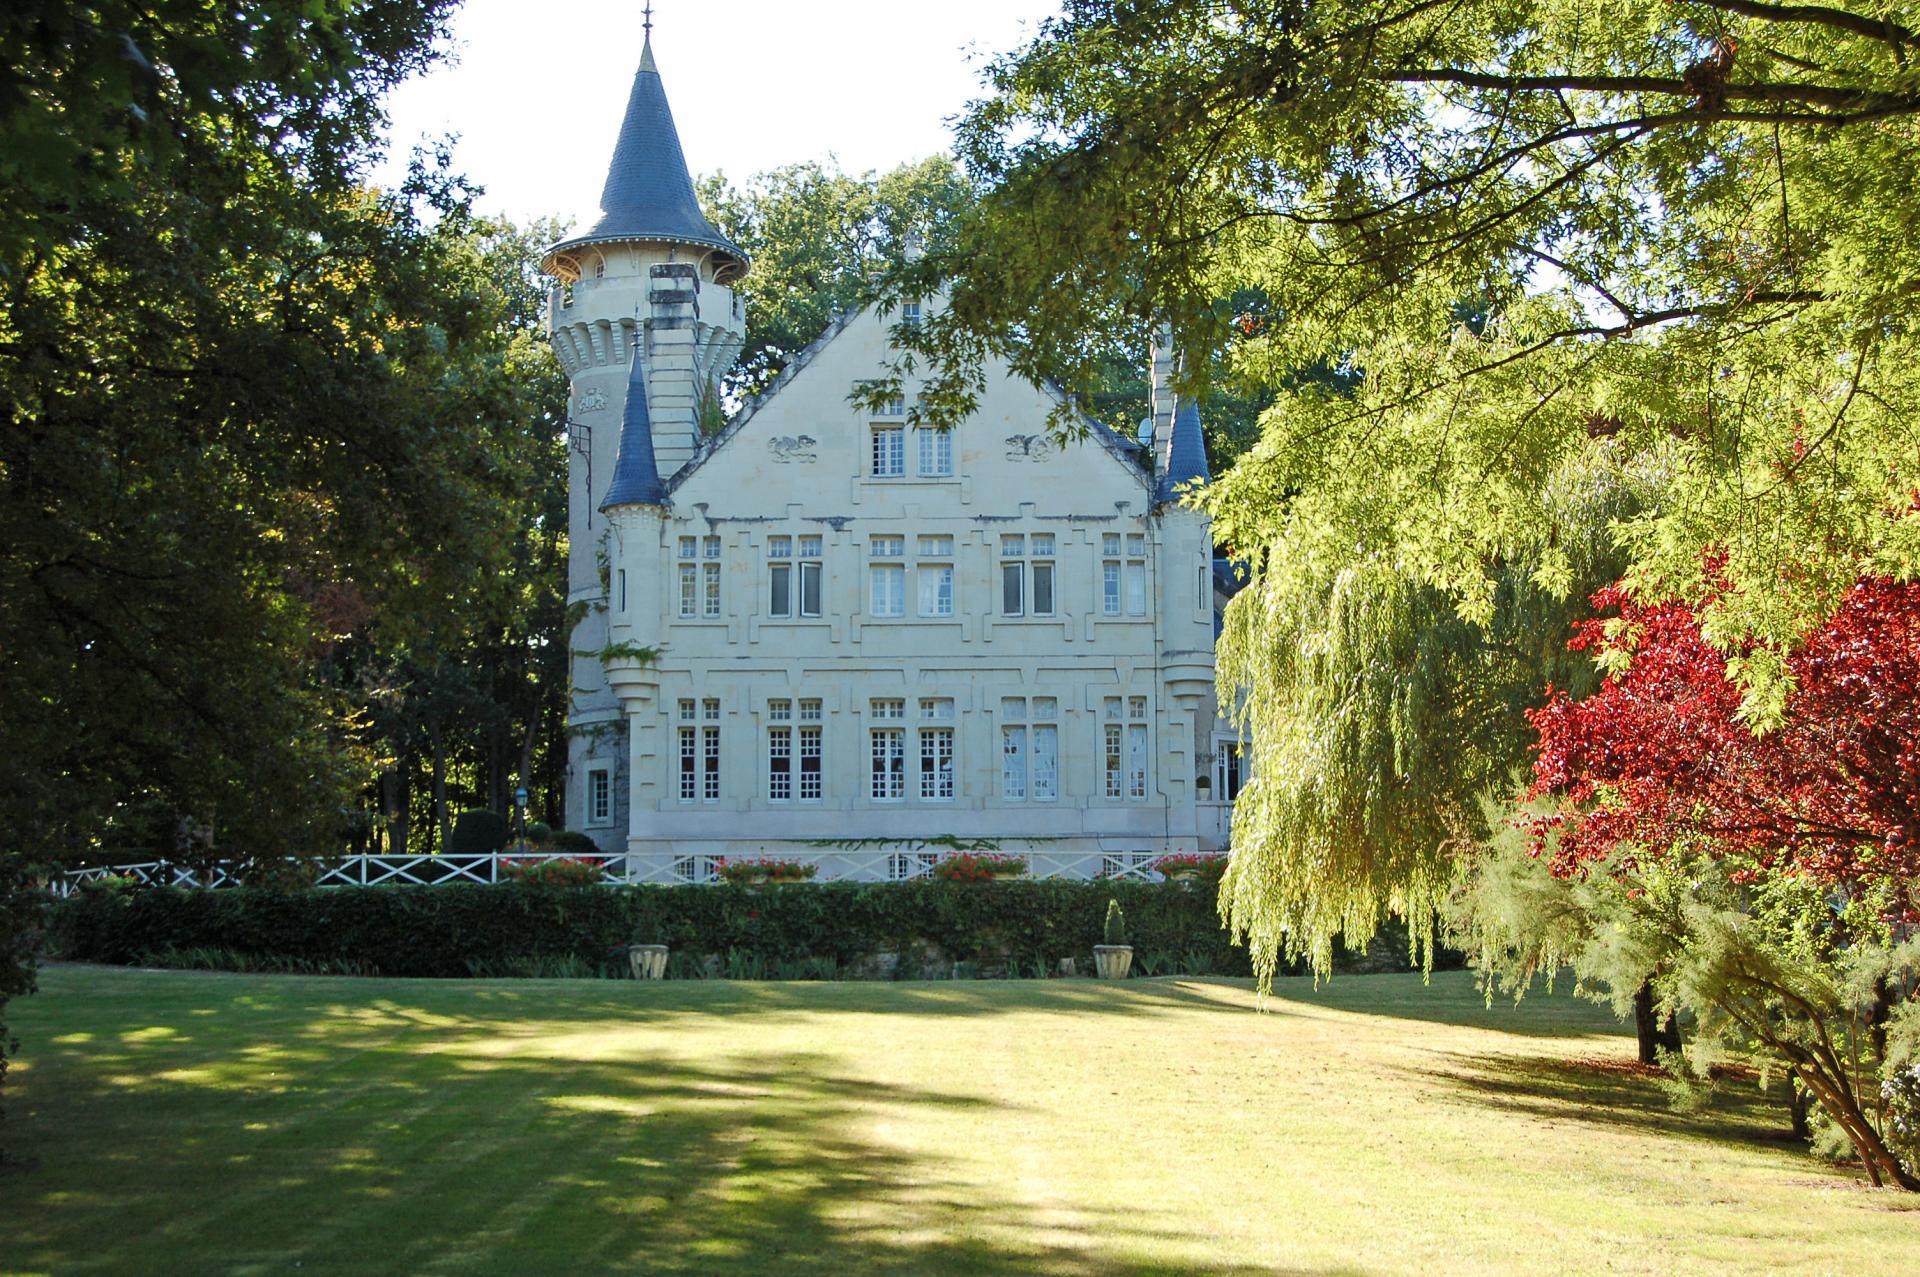 Villa Exterior 1, Chateau des Lutins, Lencloitre, Loire.